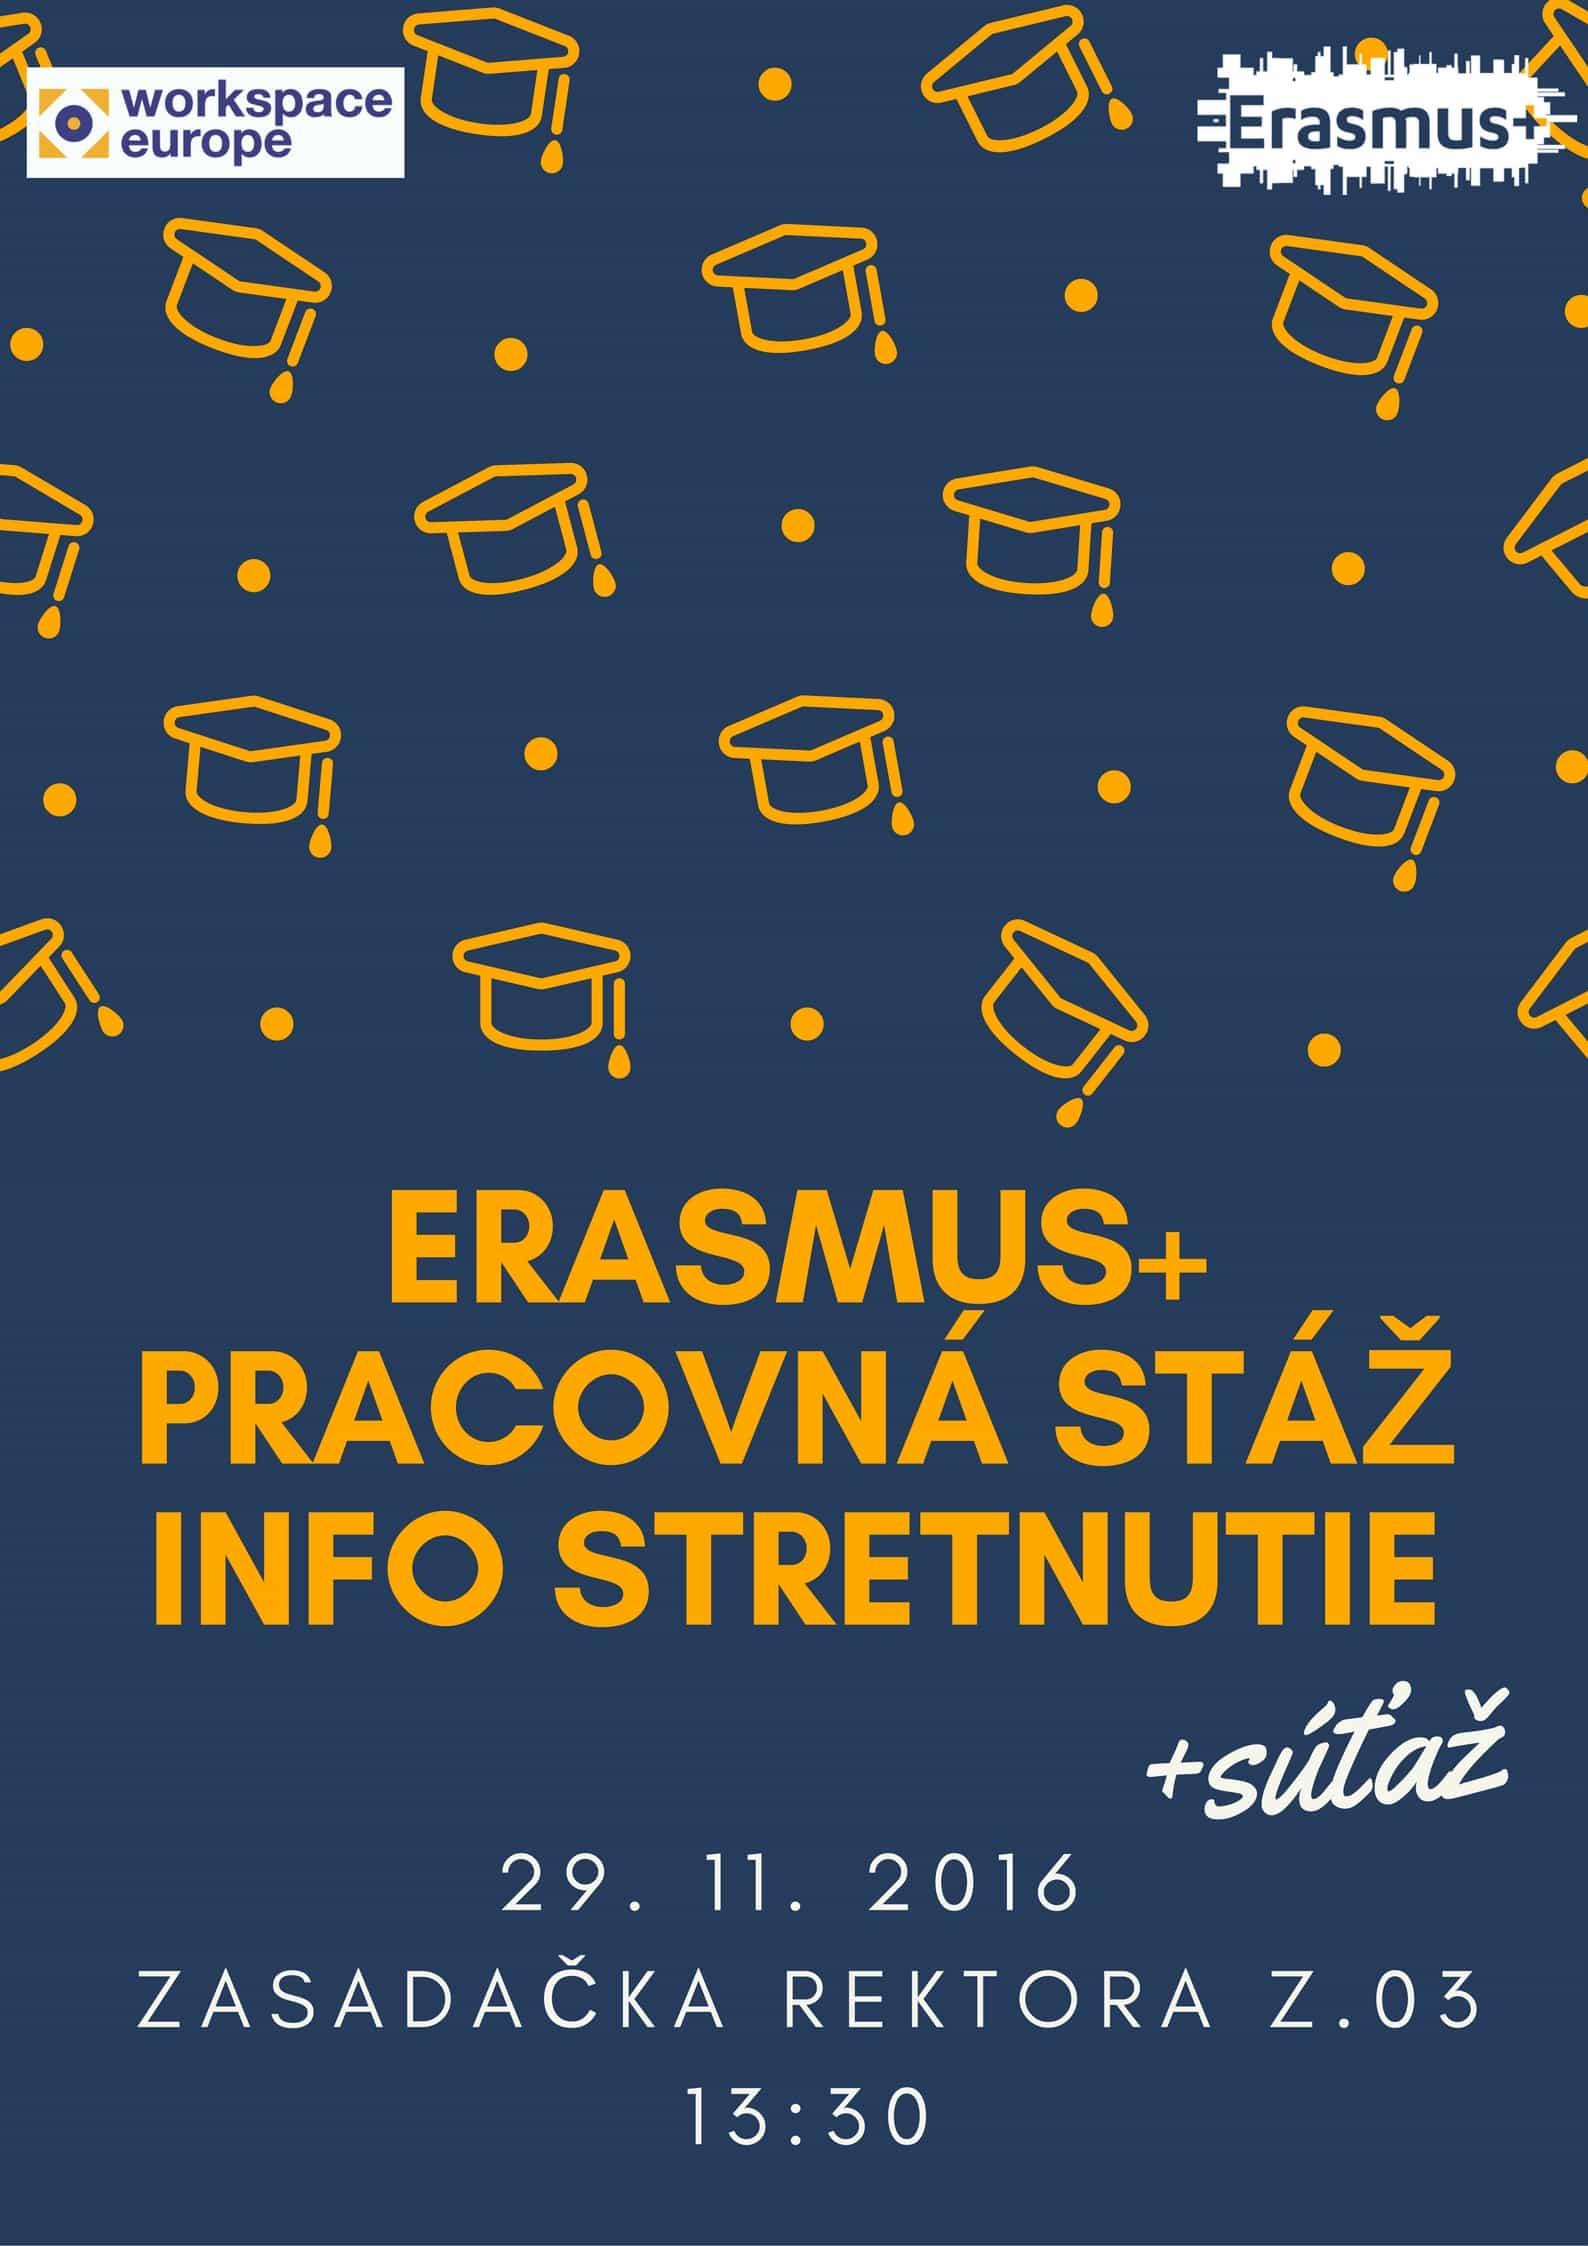 Erasmus pracovná stáž info stretnutie